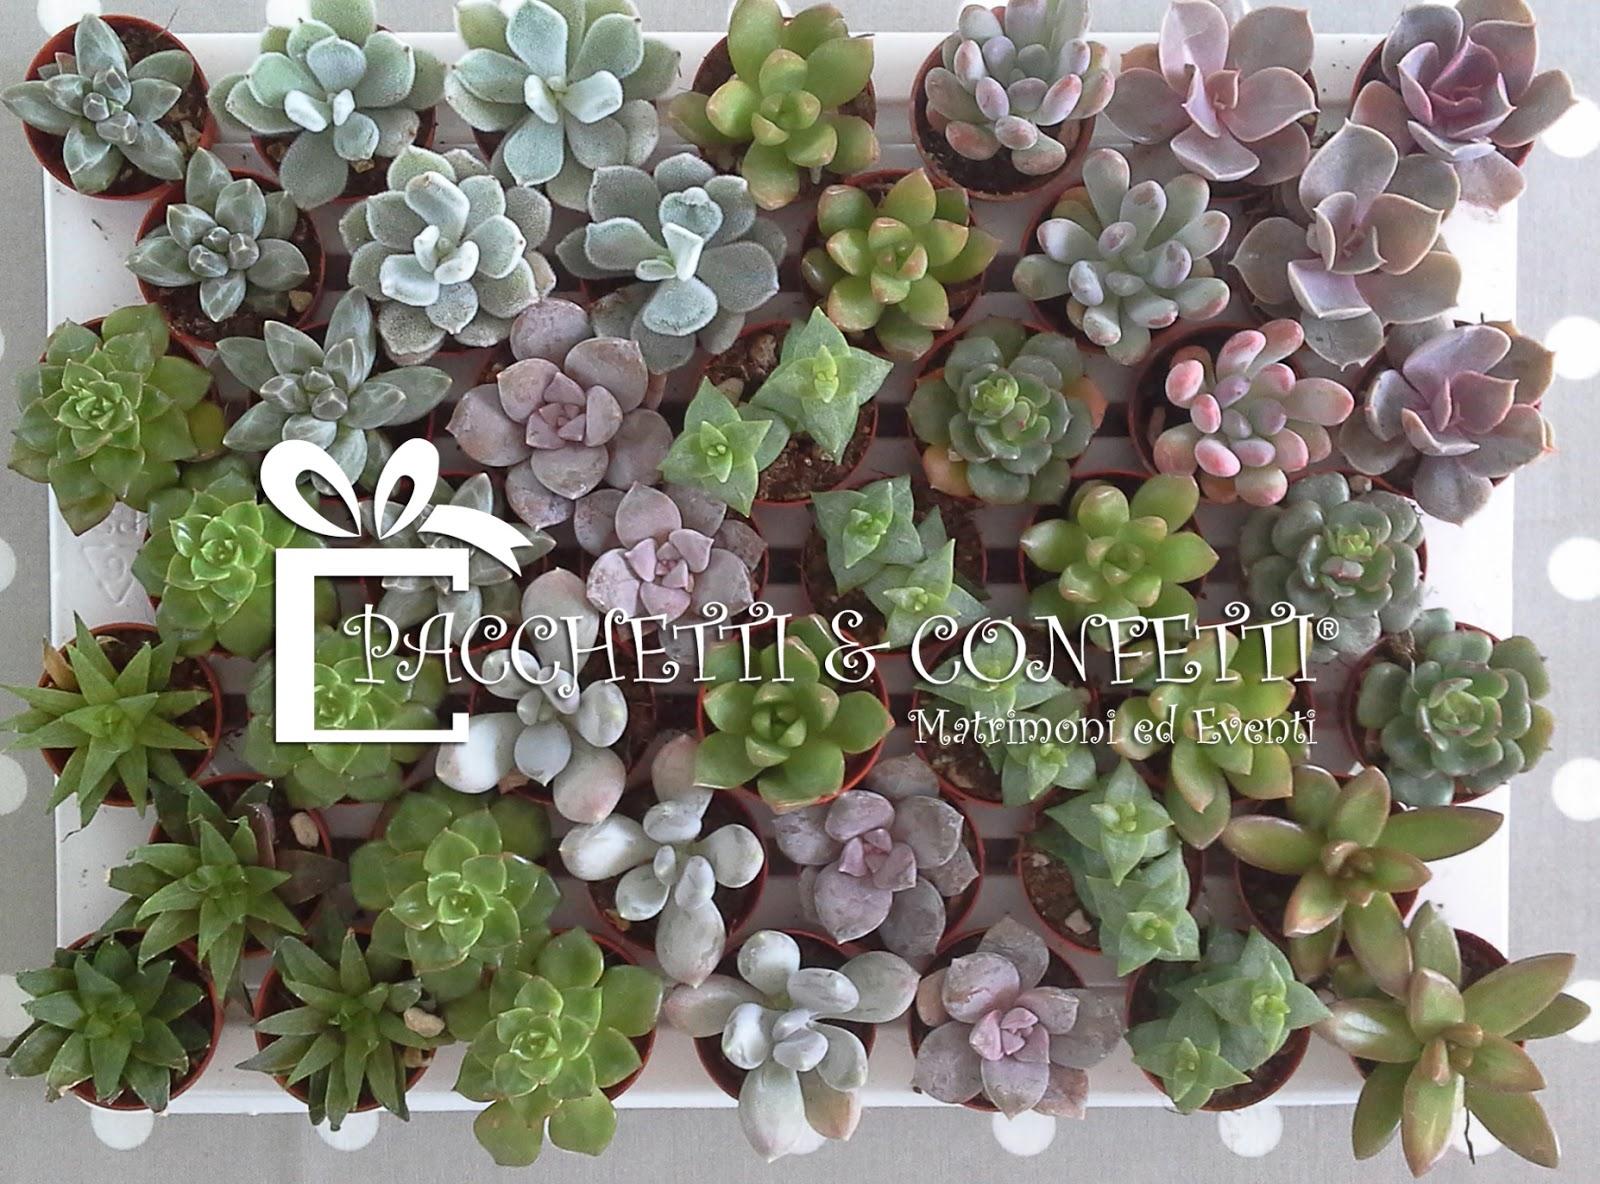 Top Pacchetti e Confetti: Bomboniere con piante grasse: domande frequenti SJ16